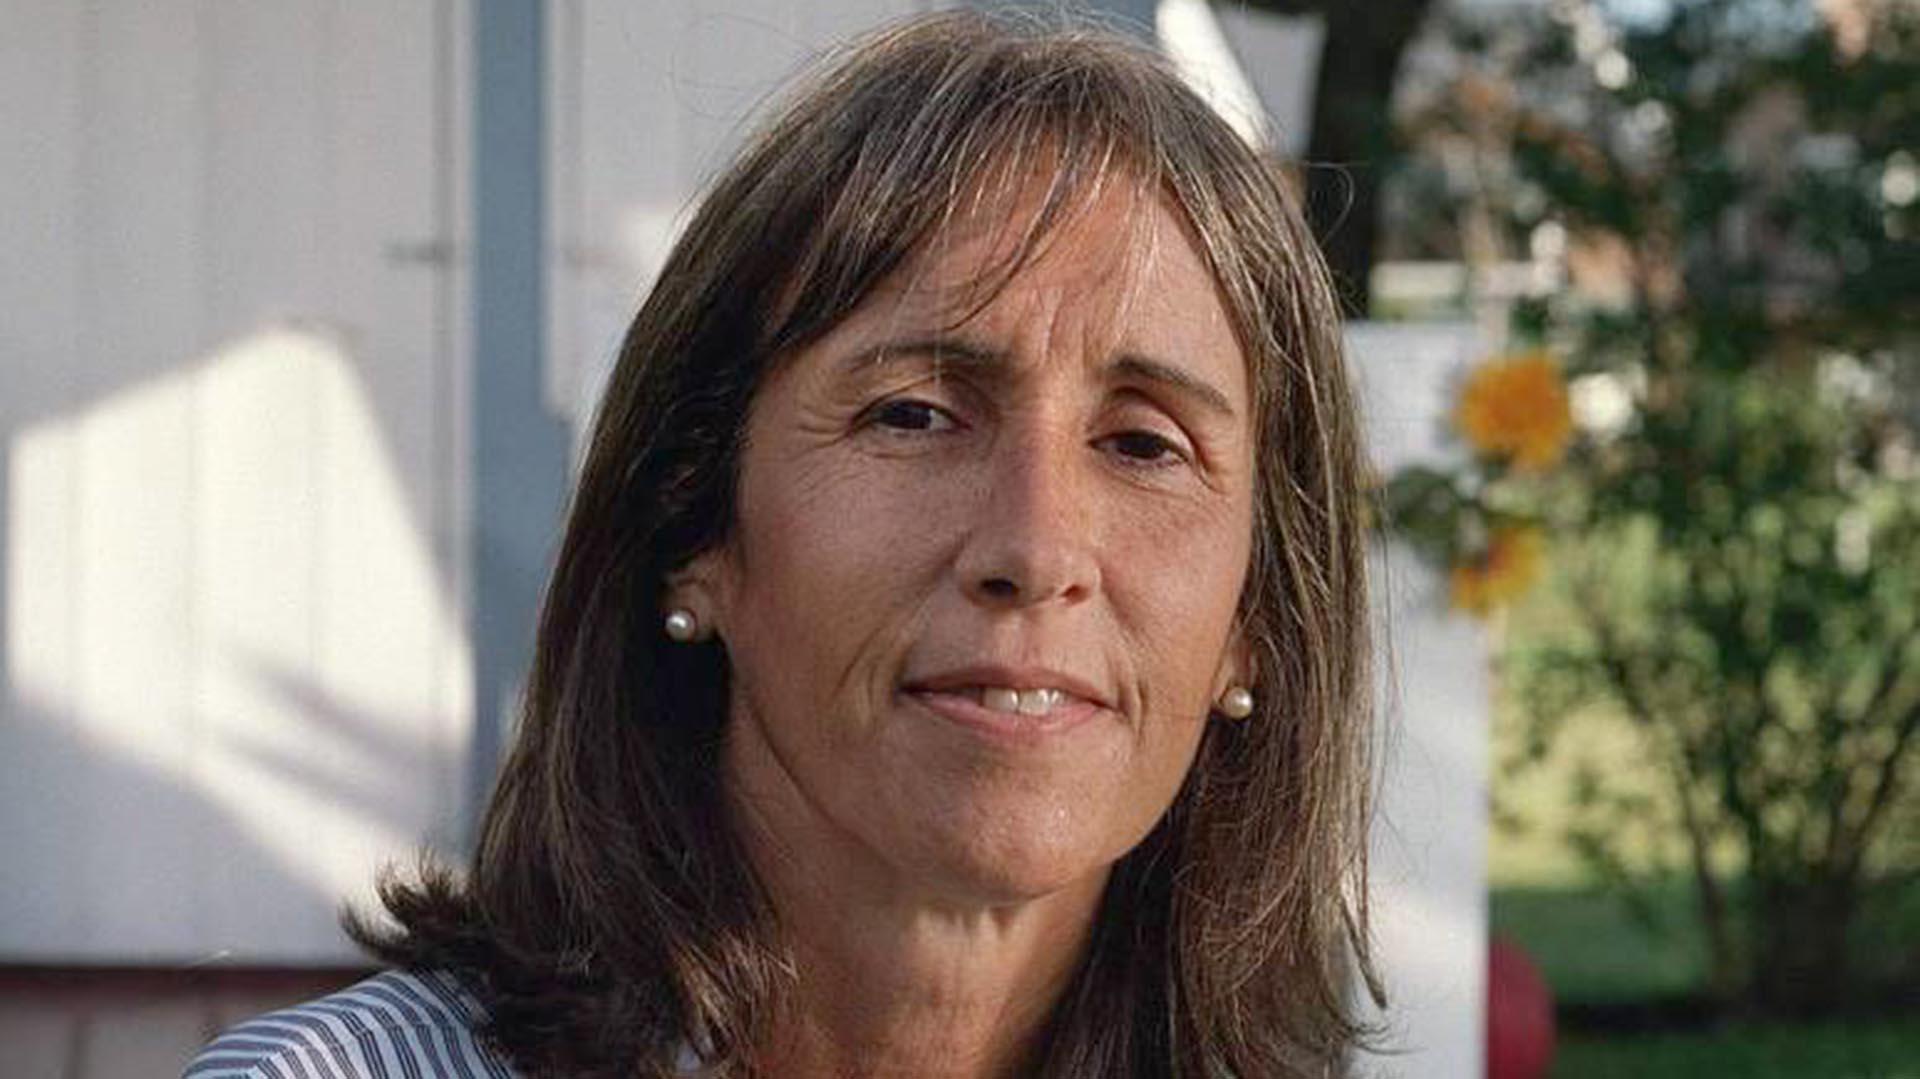 La socióloga fue hallada sin vida en la bañadera de su casa en octubre de 2002